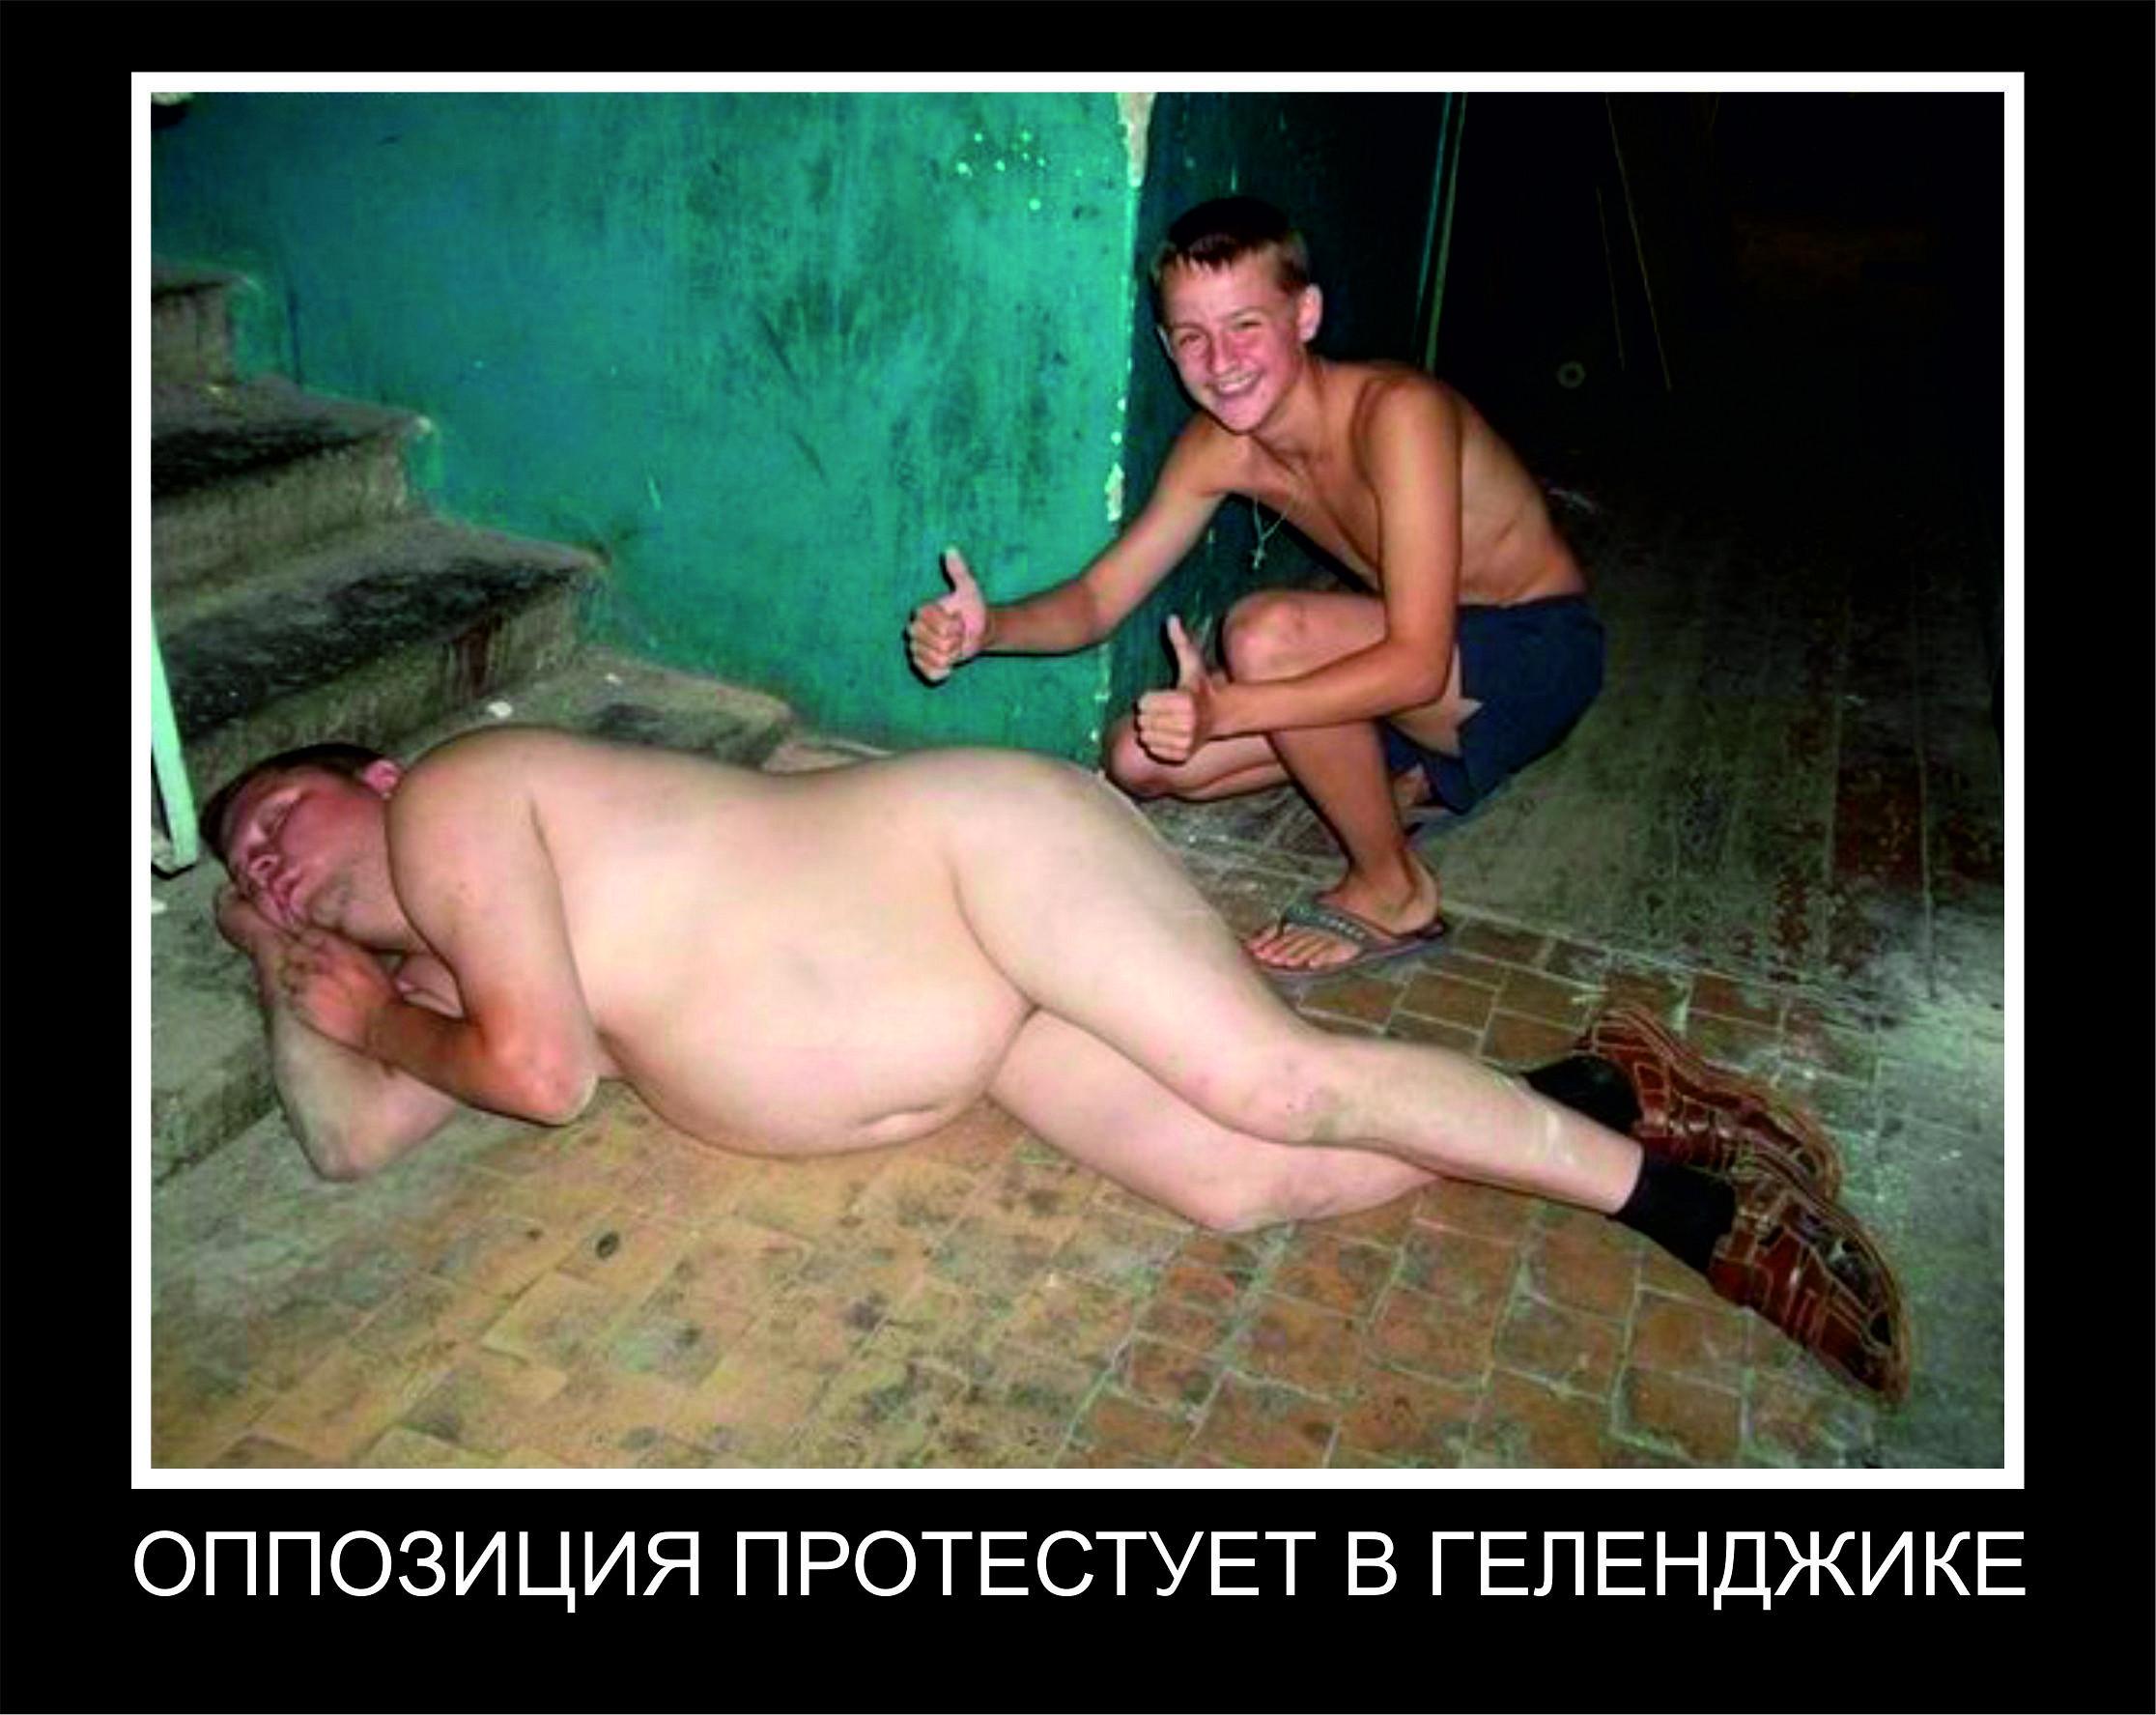 приколы фото пьяных девушек порно